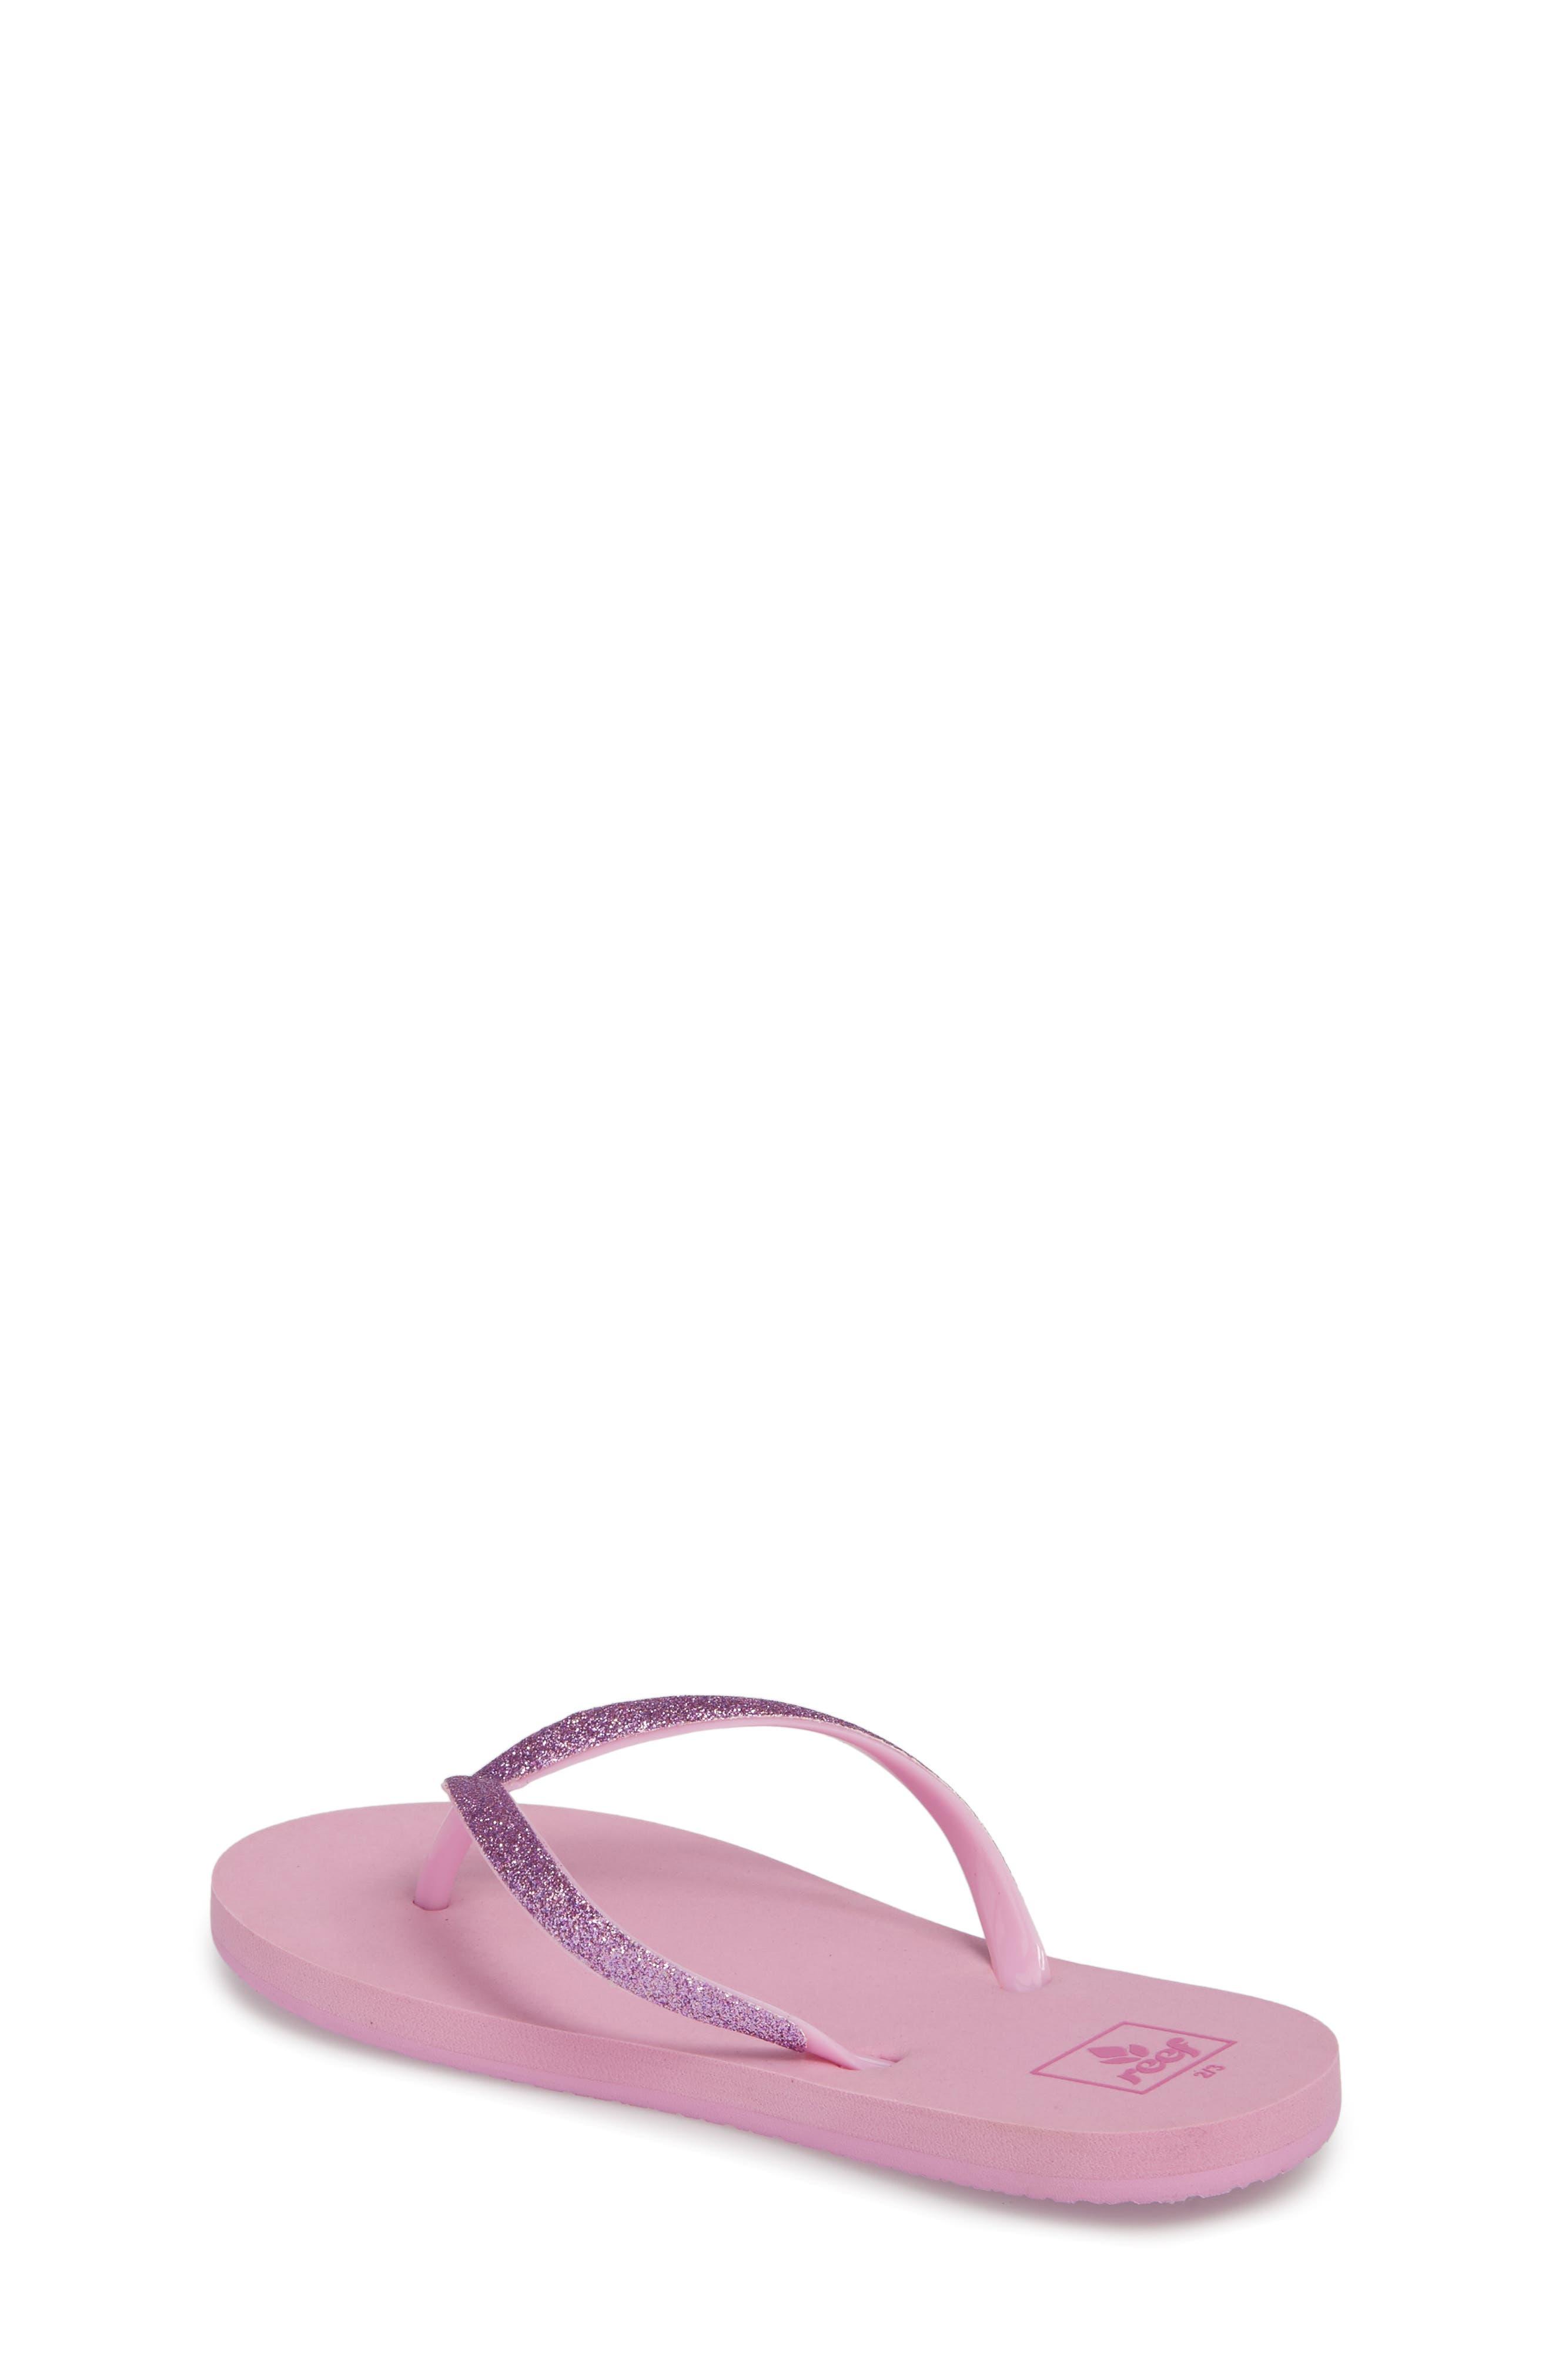 Little Stargazer Glitter Sandal,                             Alternate thumbnail 2, color,                             LAVENDER